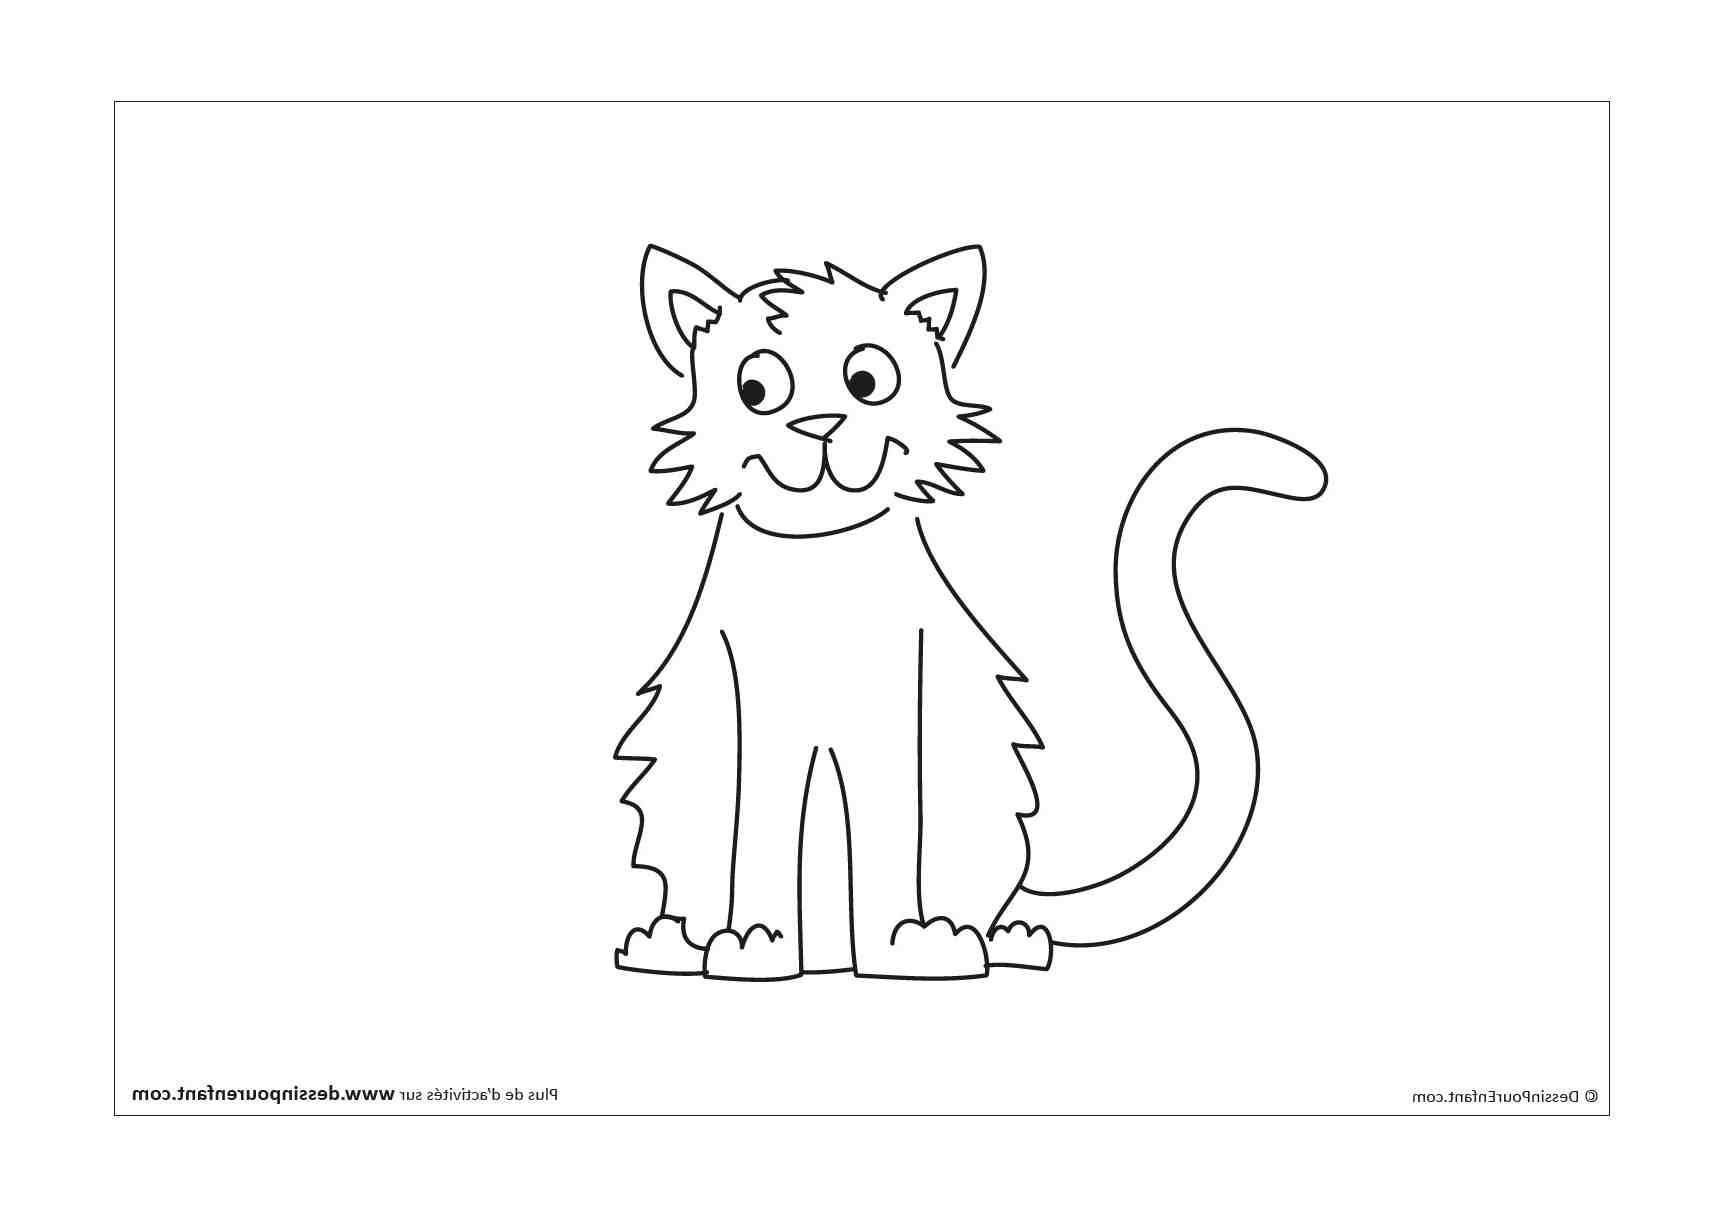 Comment faire un dessin de chat facile ?